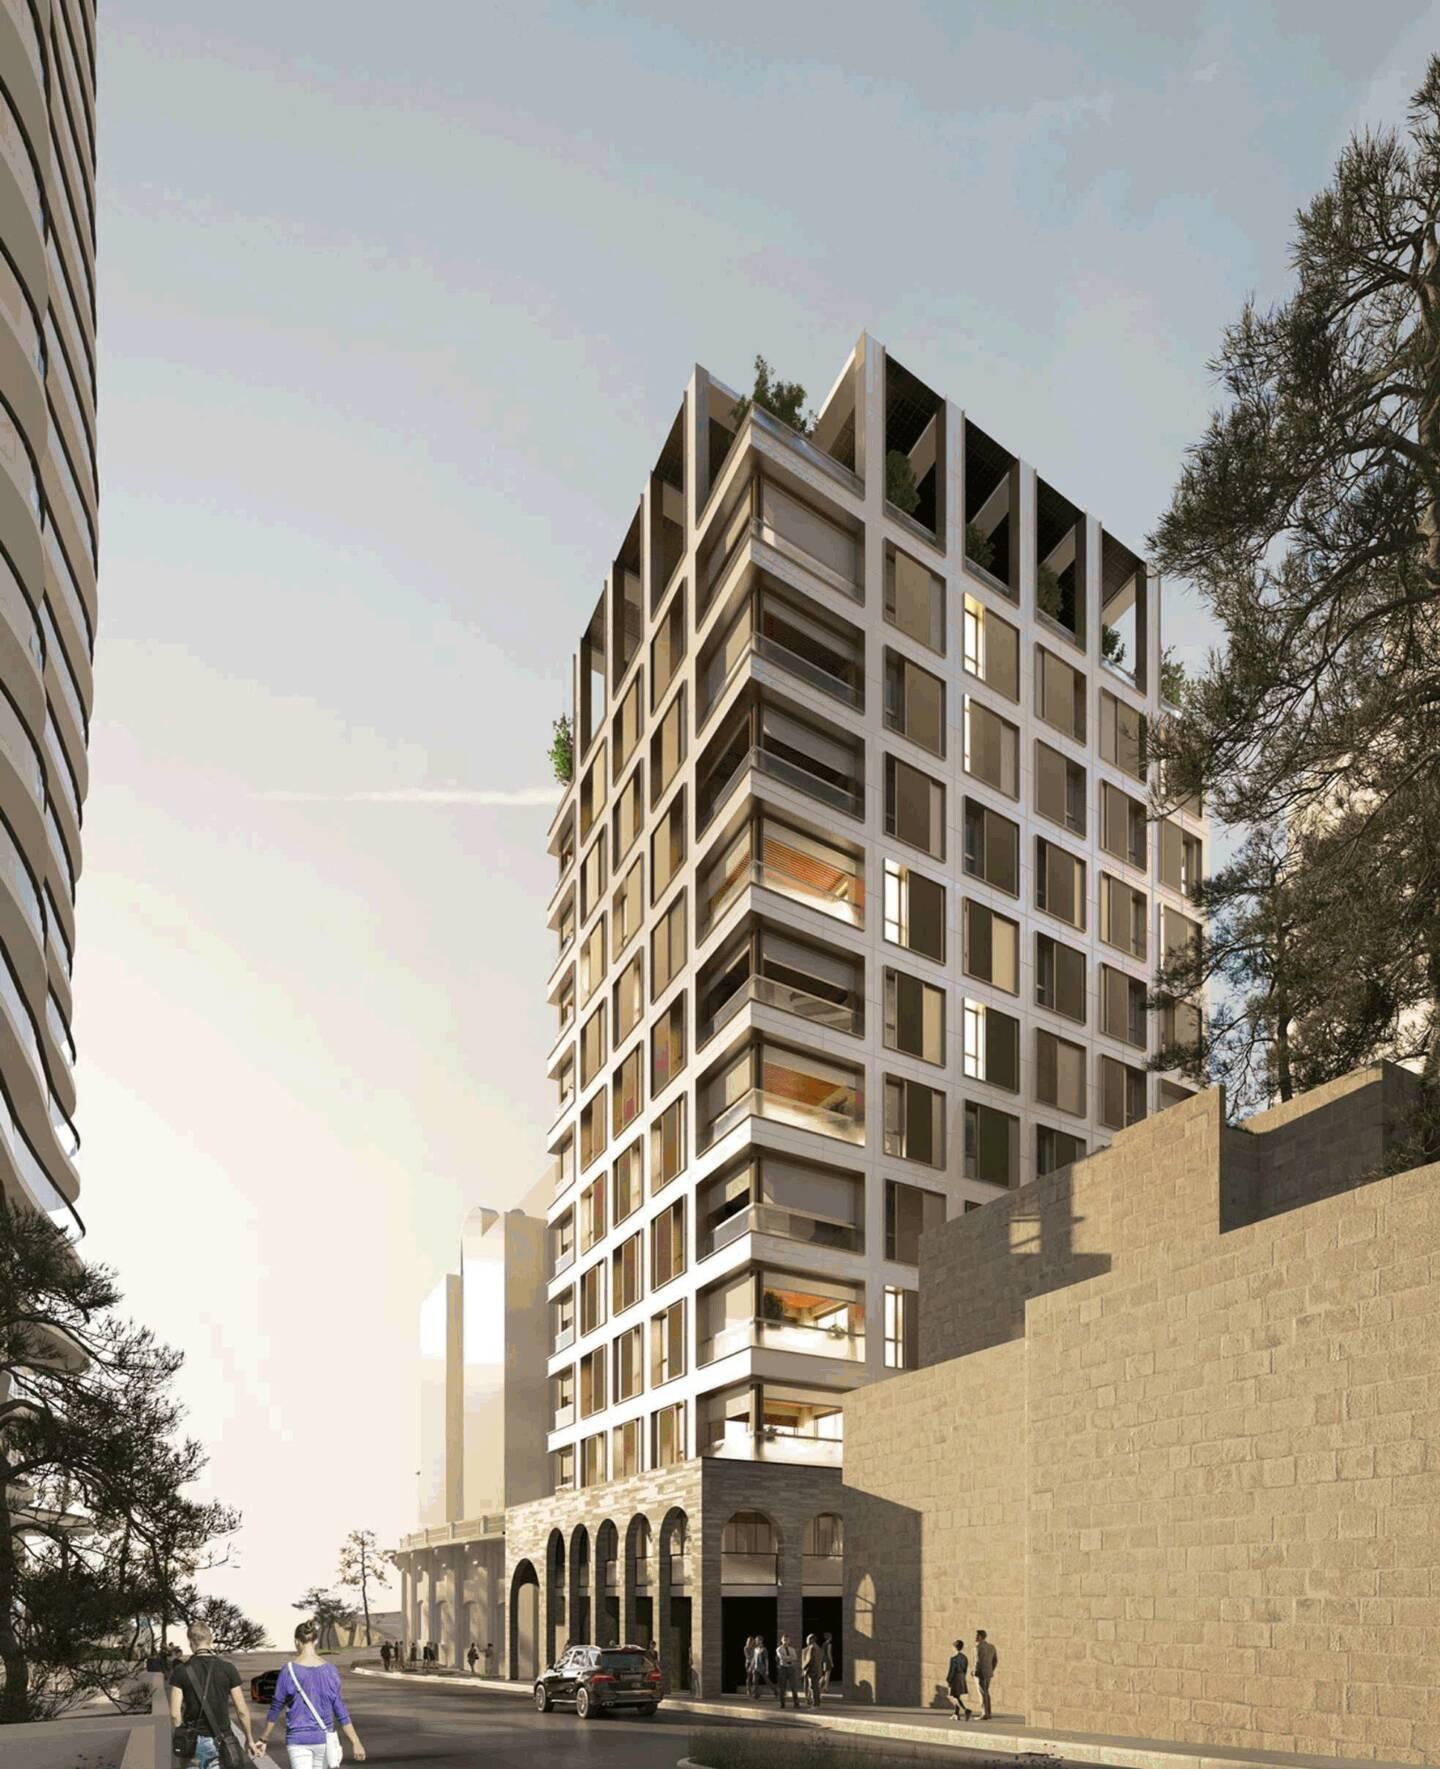 L'immeuble Carmelha abritera 25 logements domaniaux et culminera à 43 mètres de haut, si l'on se place côté boulevard d'Italie.